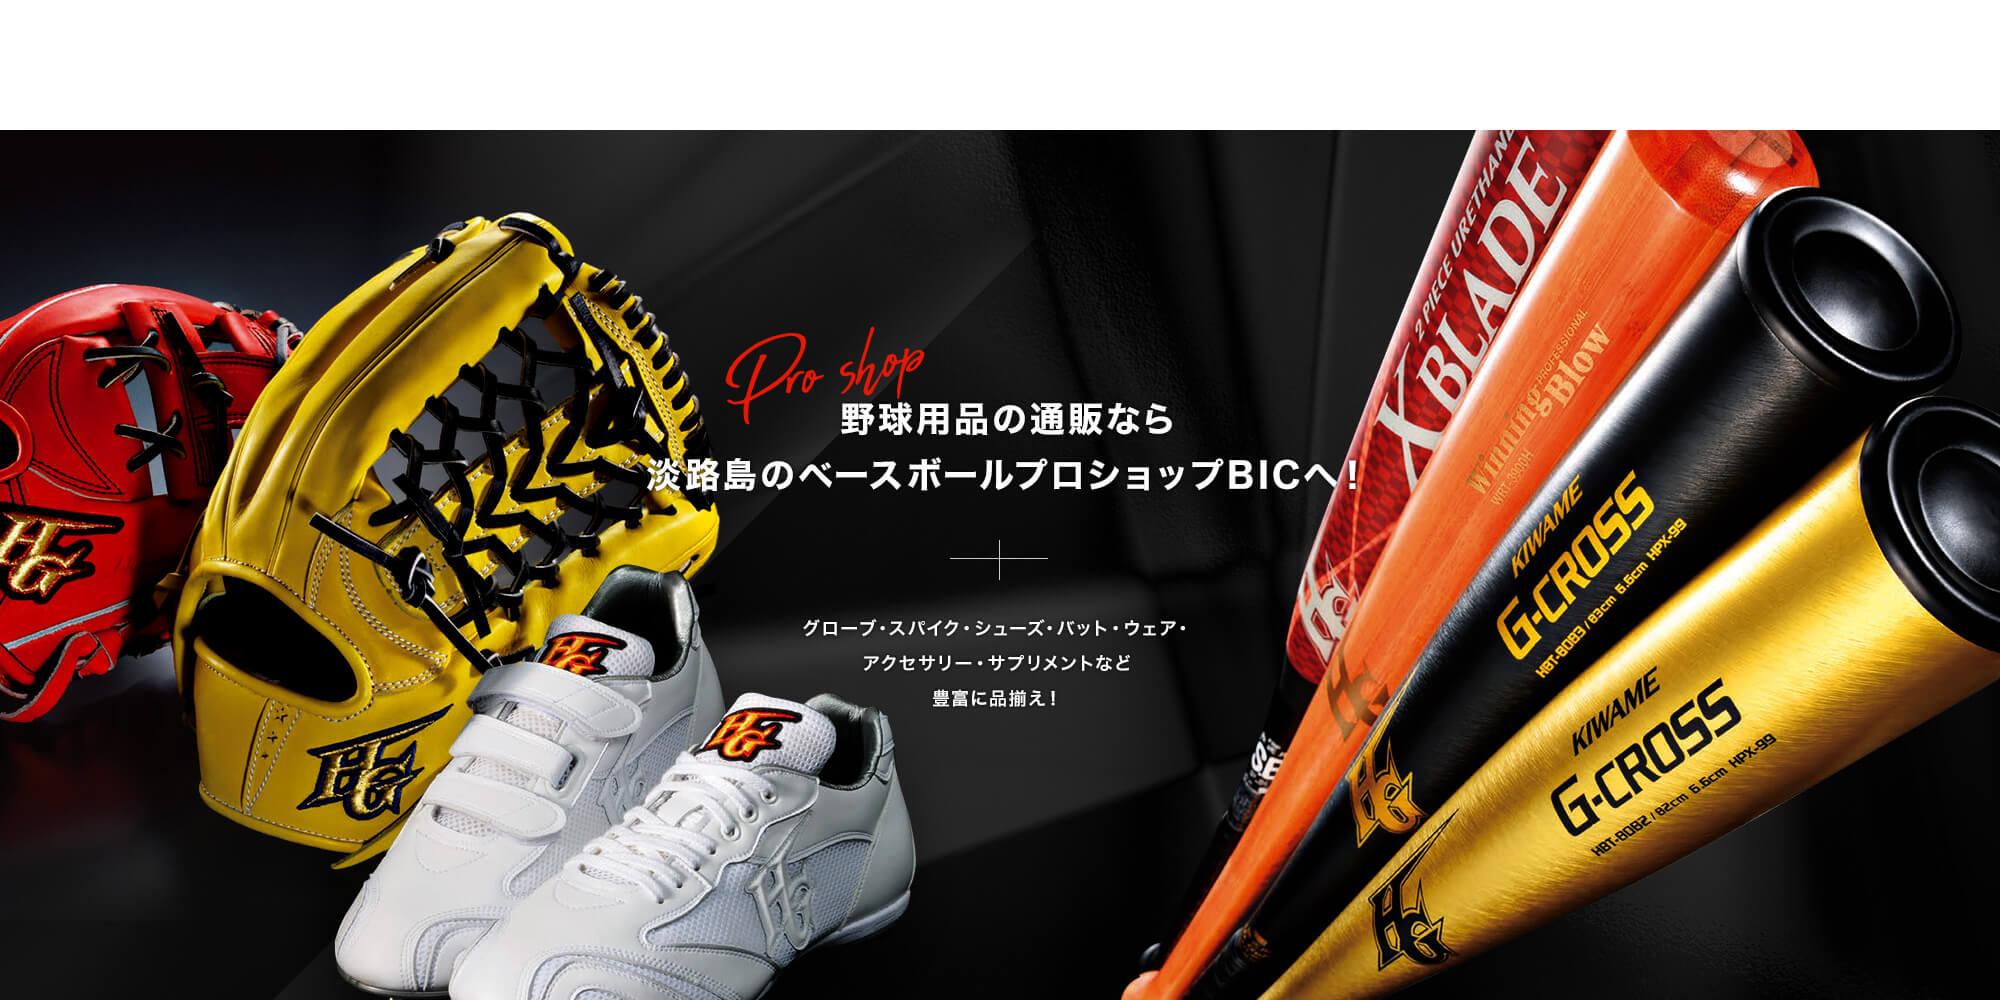 野球用品の通販なら淡路島のベースボールプロショップBICへ!グローブ・スパイク・シューズ・バット・ウェア・アクセサリー・サプリメントなど豊富に品揃え!